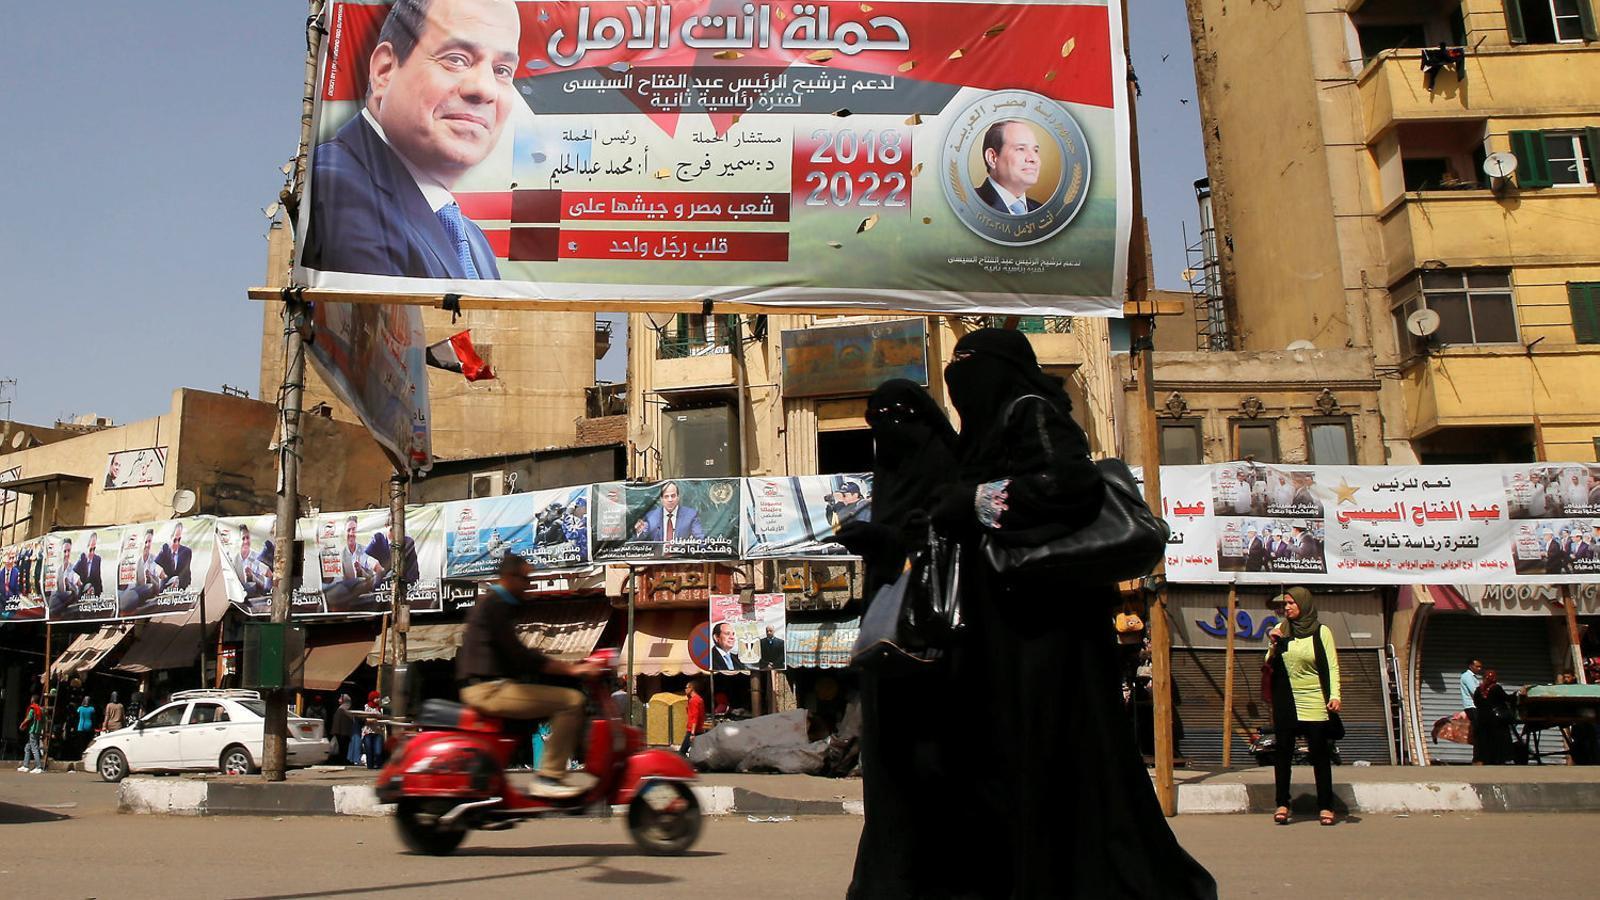 Al-Sissi pretén conservar el seu poder a Egipte amb una farsa electoral